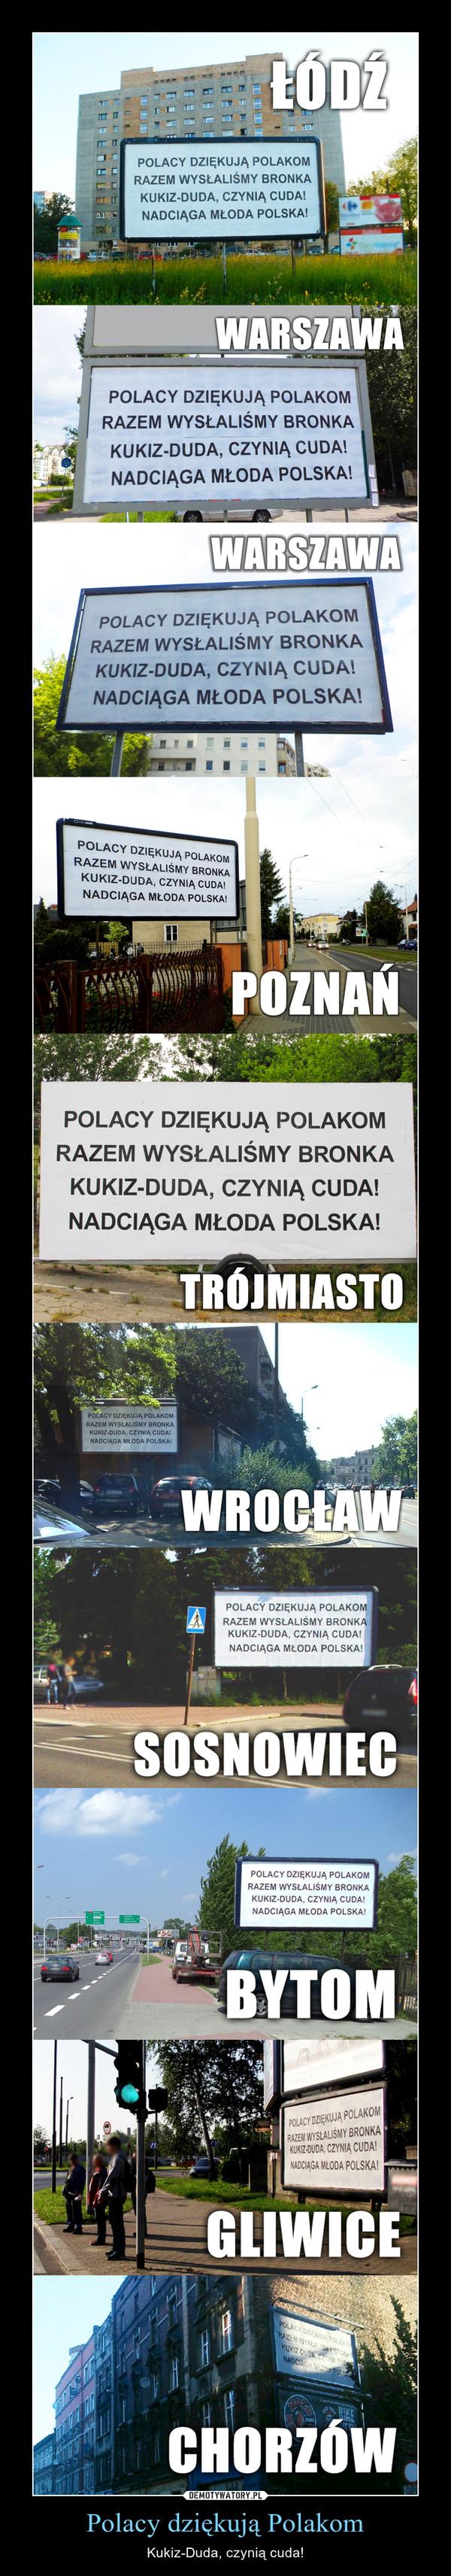 Polacy dziękują Polakom – Kukiz-Duda, czynią cuda!